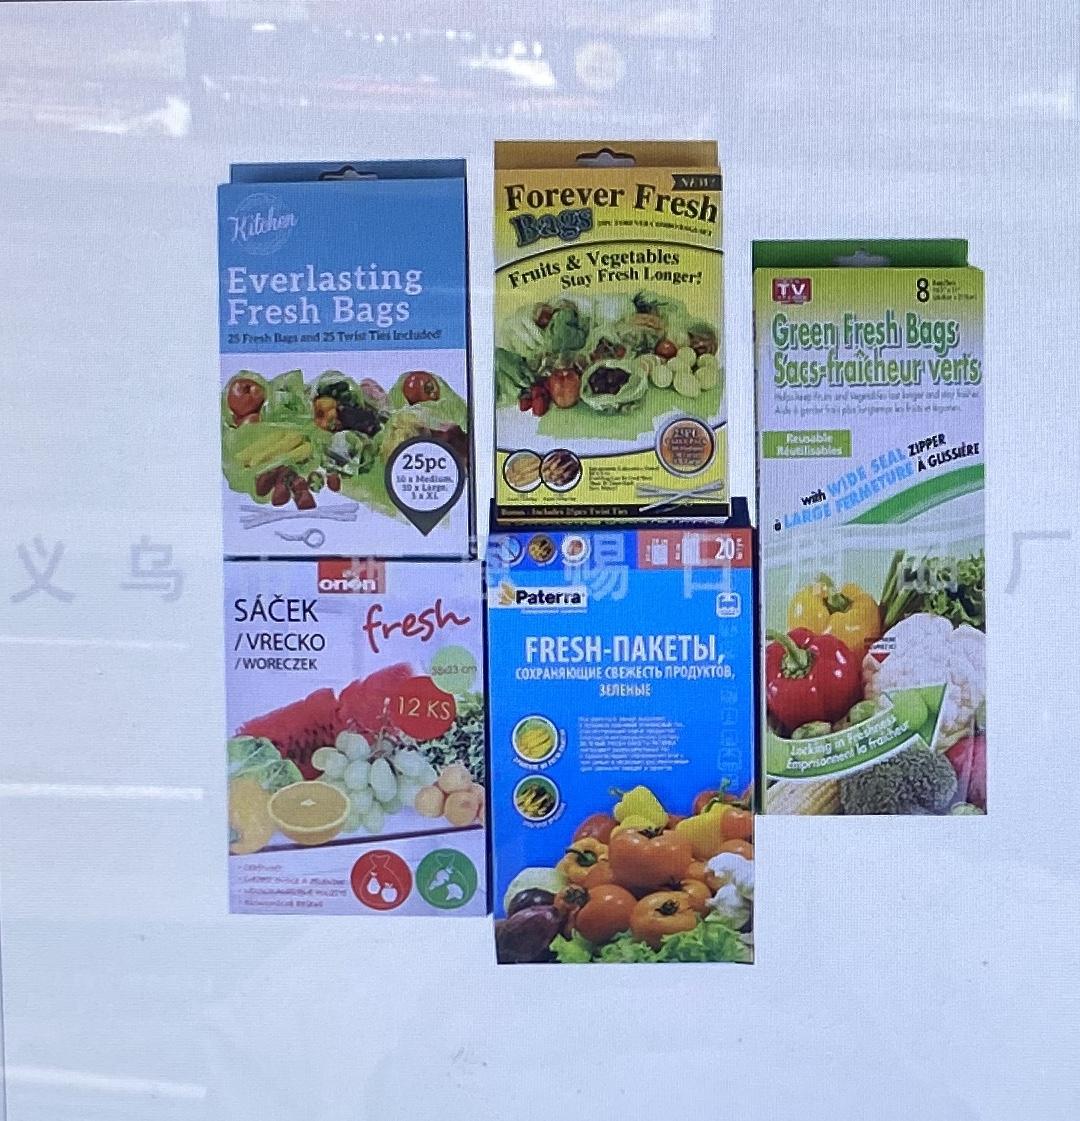 厂家直销爆款家用食品袋食物保鲜袋盒装水果蔬菜冷藏冷冻食品袋